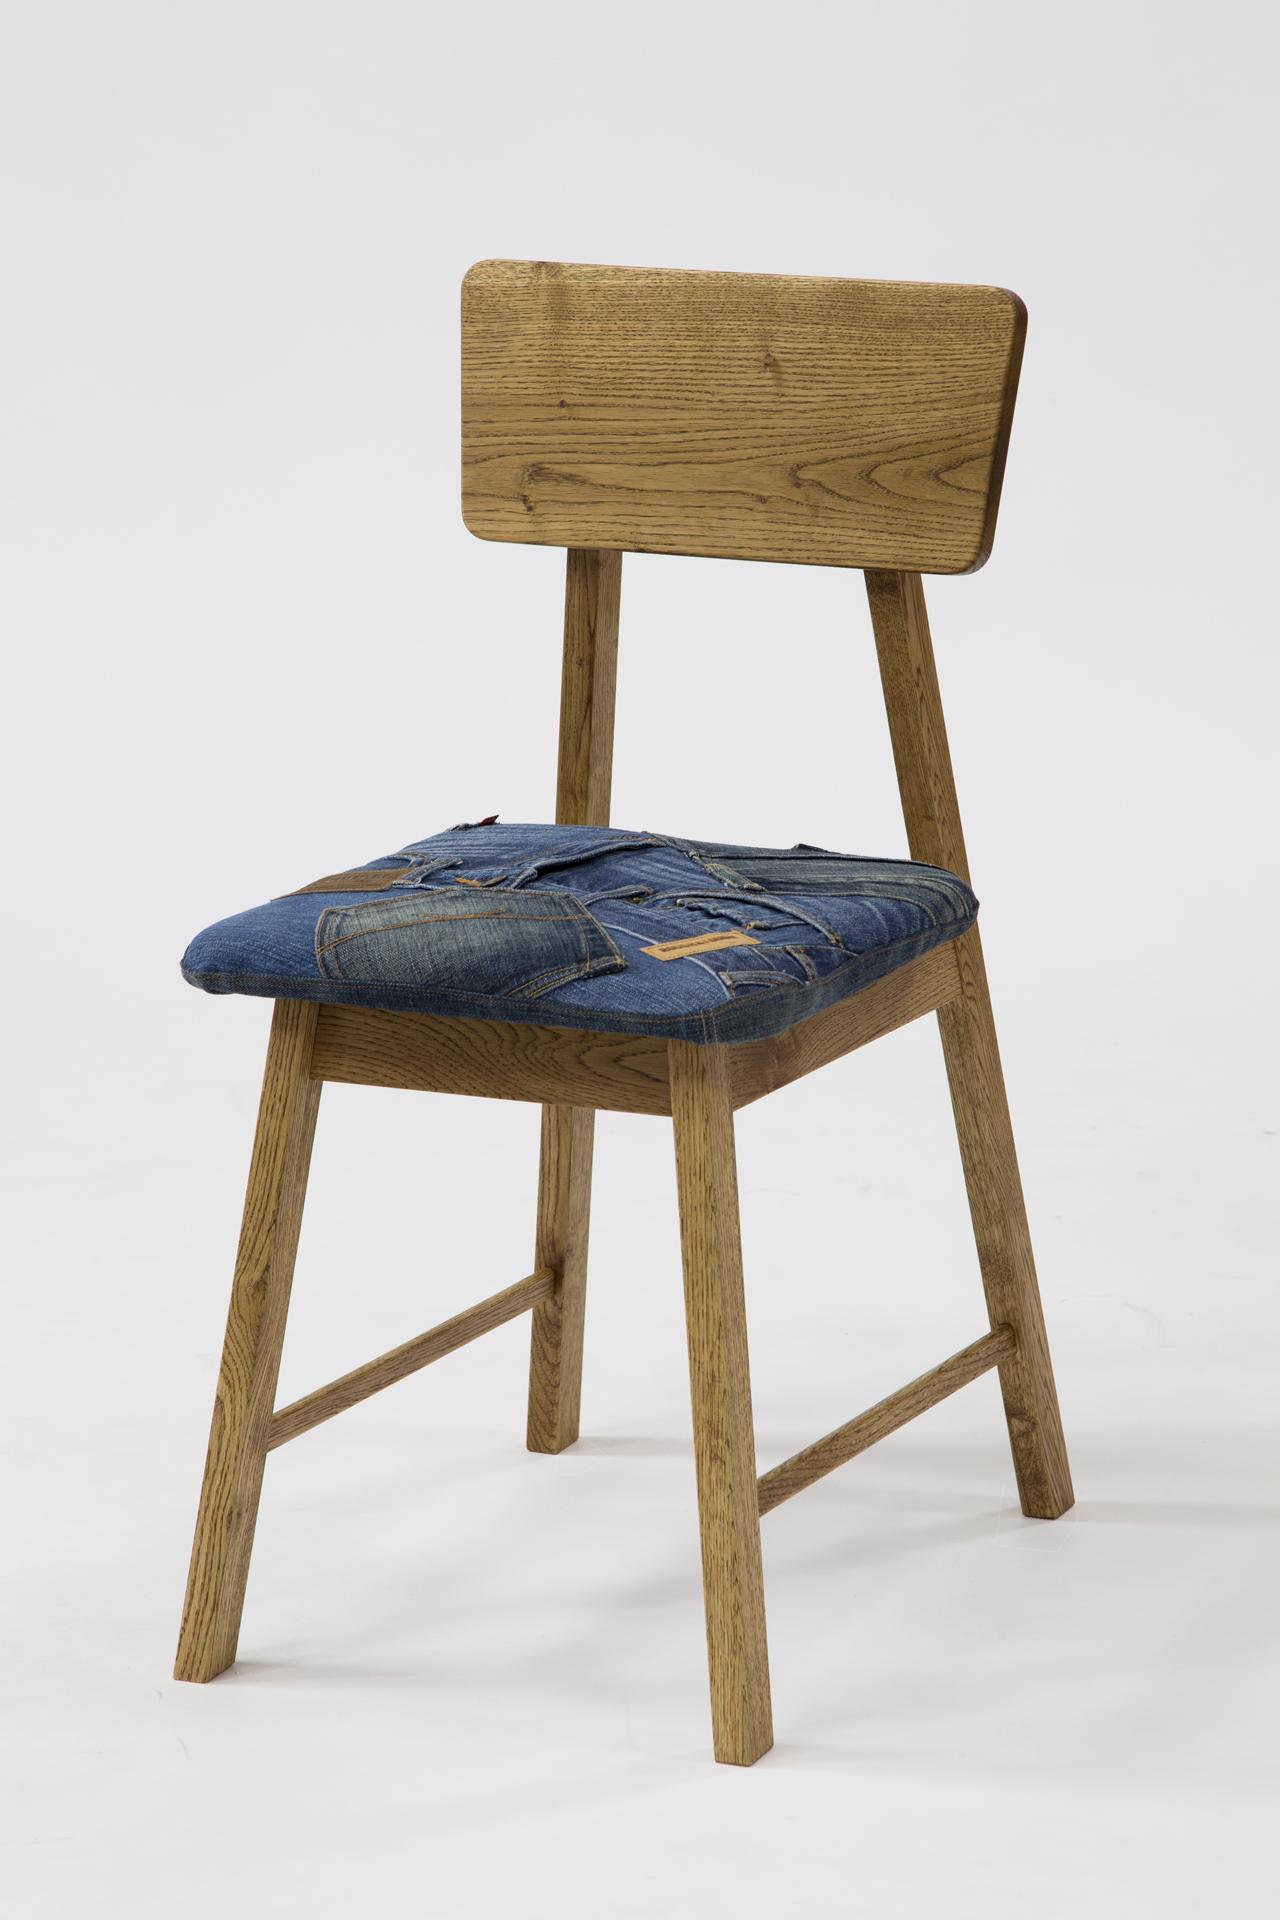 A-14 Chair